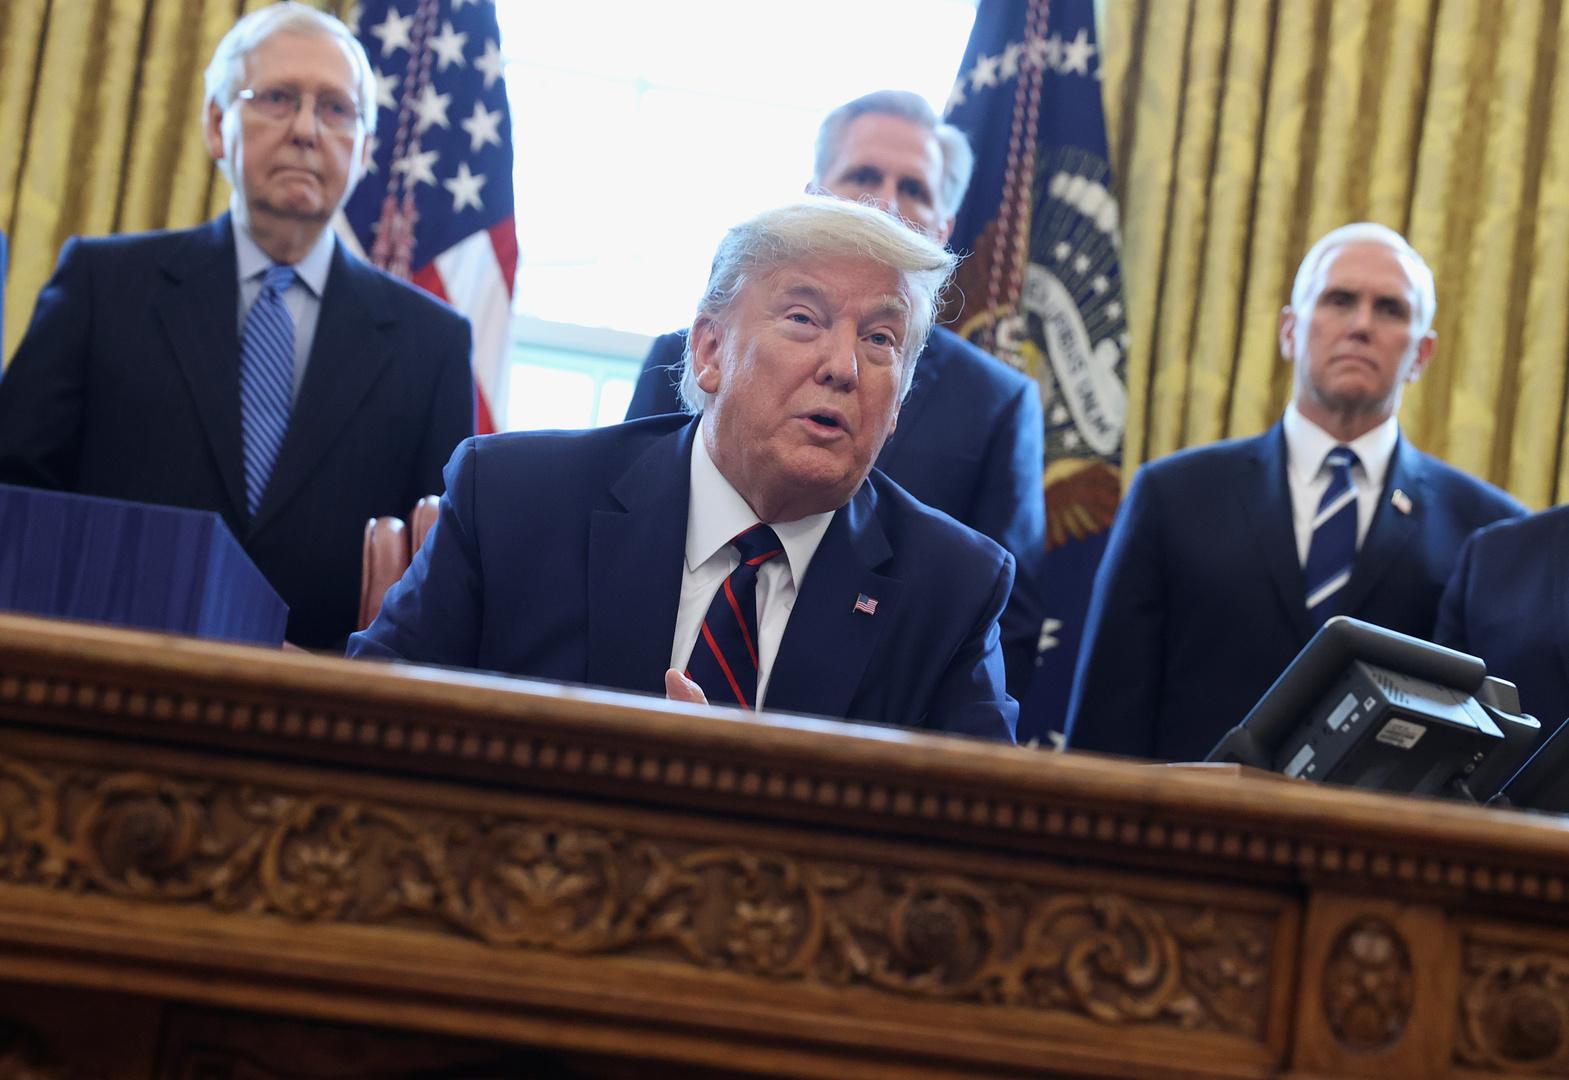 ترامب يوقع مرسوما باستدعاء العسكريين الاحتياط لمحاربة فيروس كورونا